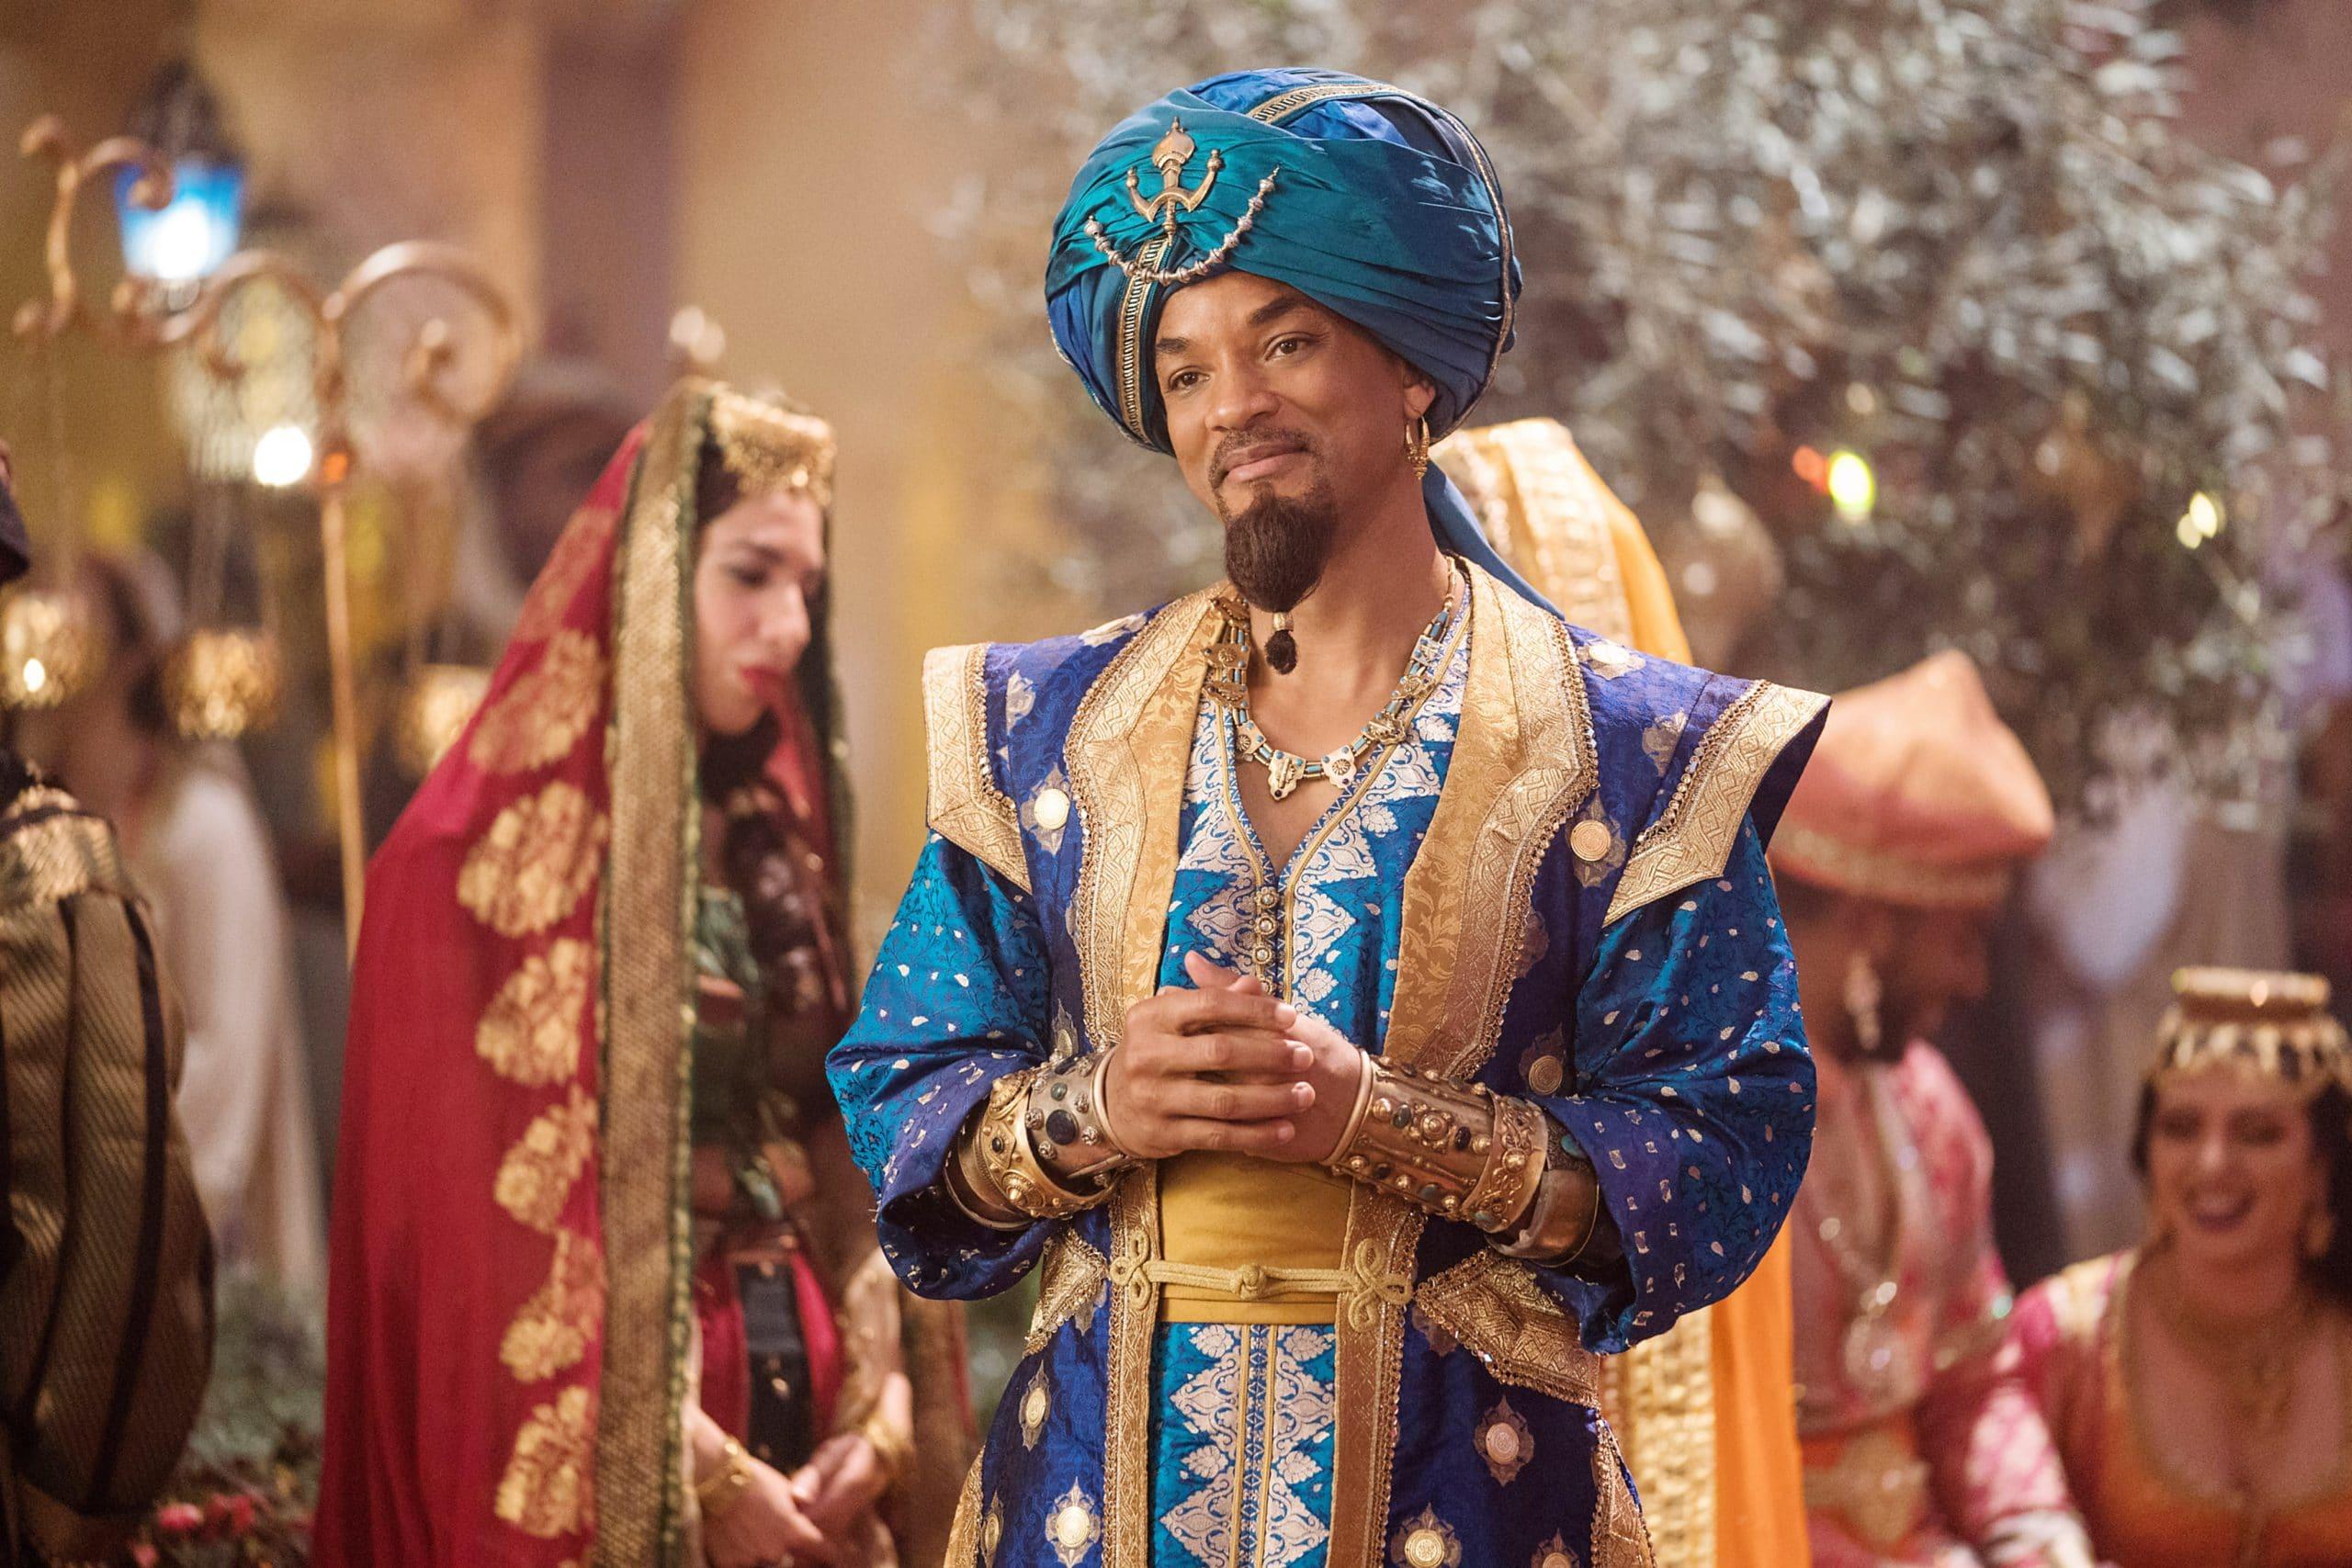 ALADDIN, Will Smith as Genie, 2019